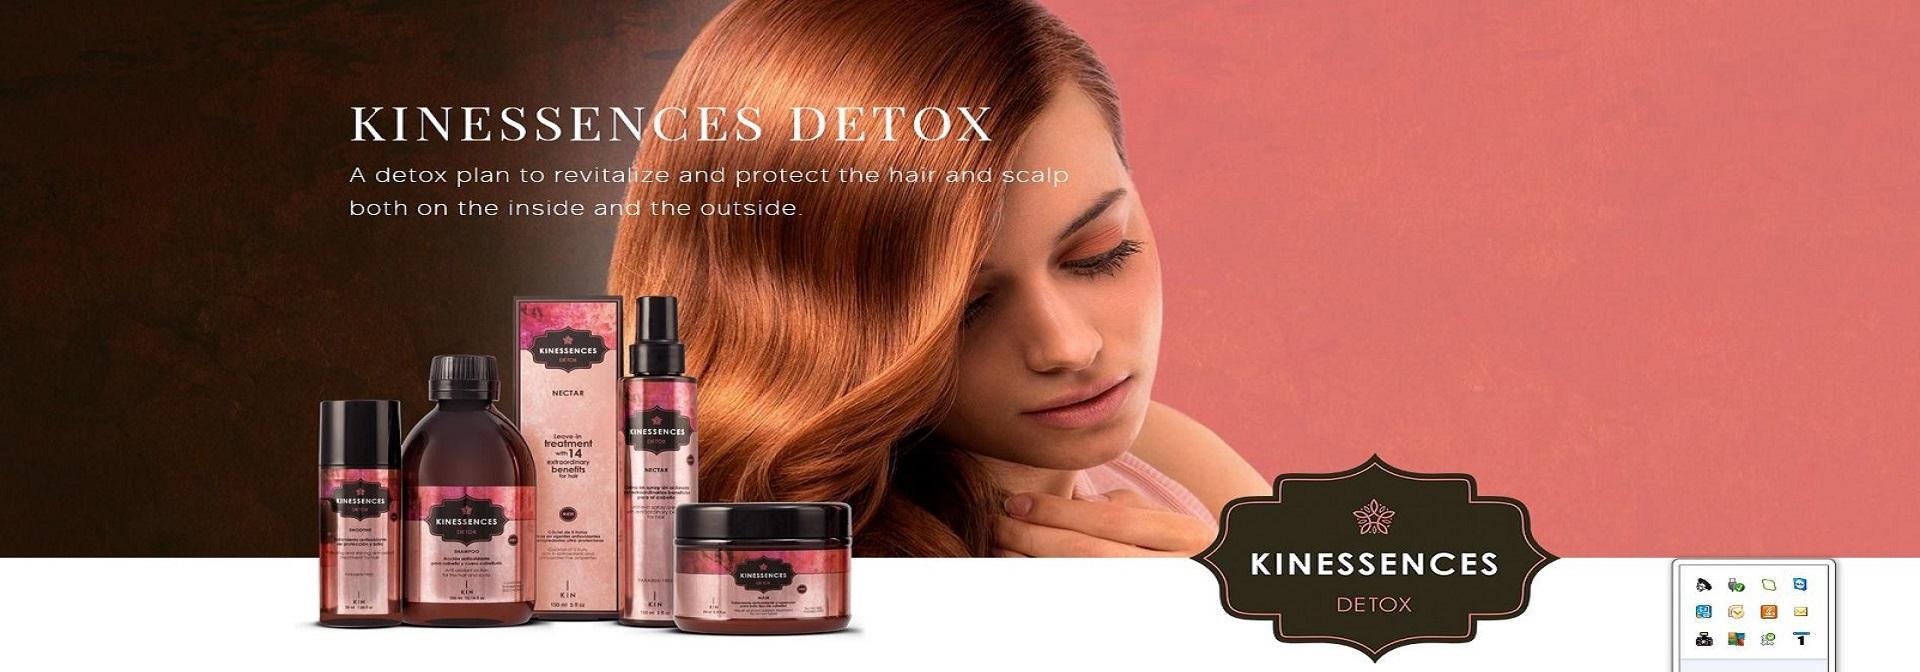 Kinessences Detox hajfiatalító, haj öregedés gátló, haj és fejbőr méregtelenítő, hajápolók